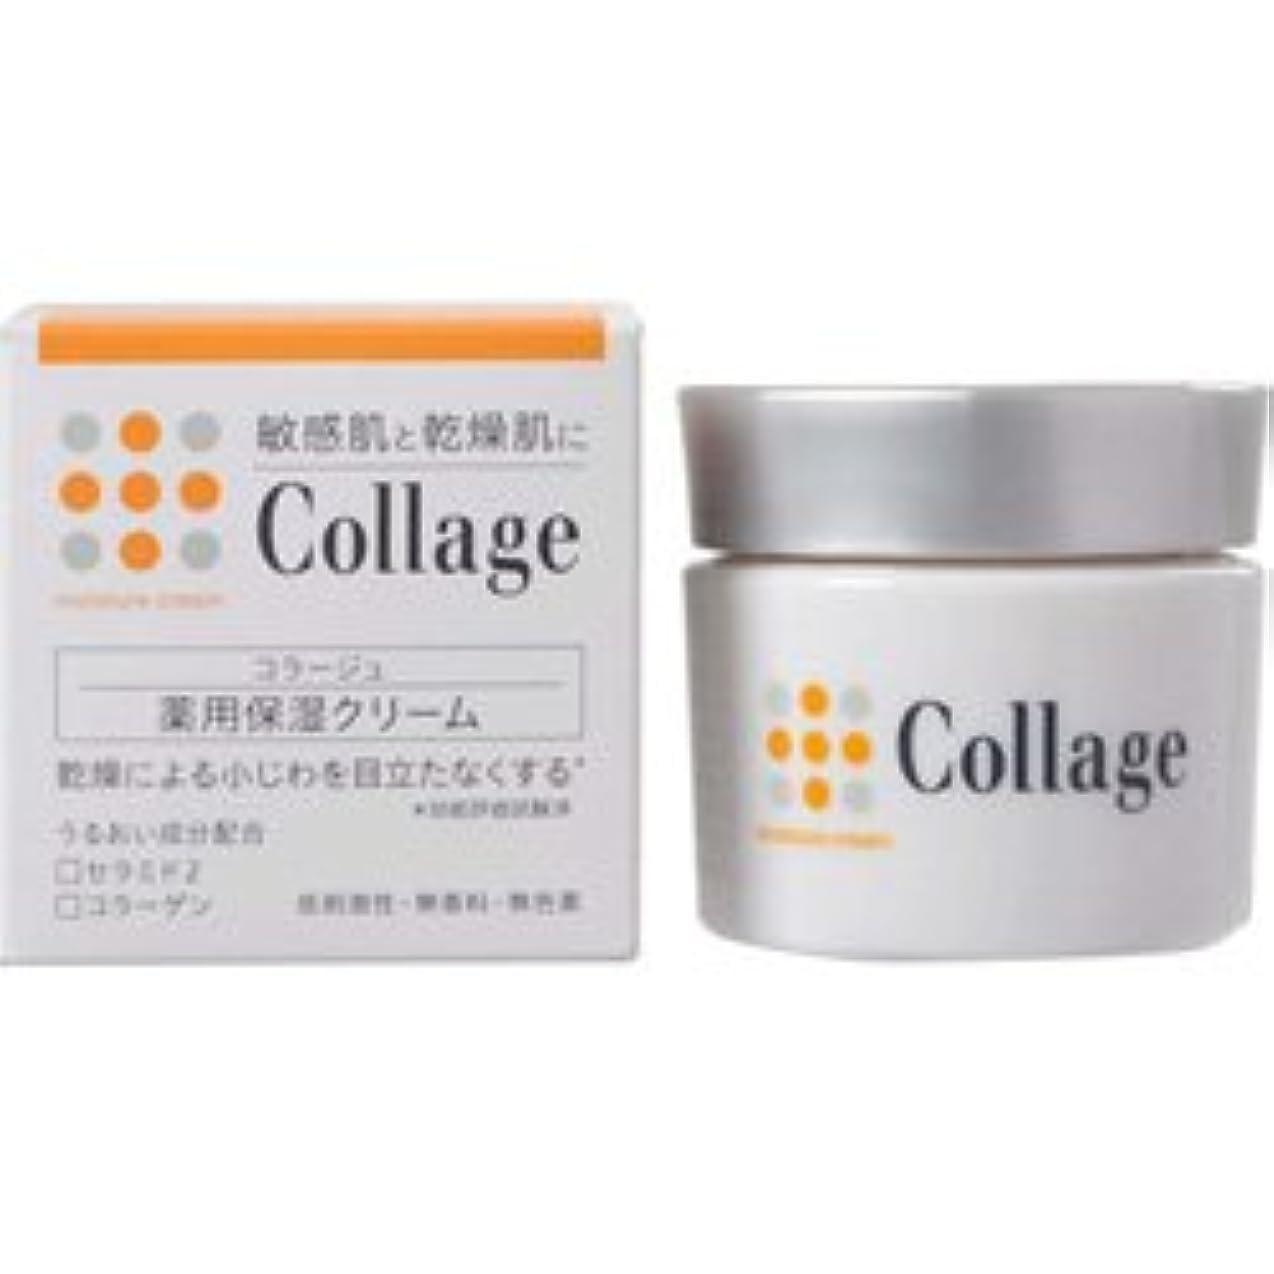 第城第二【持田ヘルスケア】 コラージュ薬用保湿クリーム 30g (医薬部外品) ×3個セット